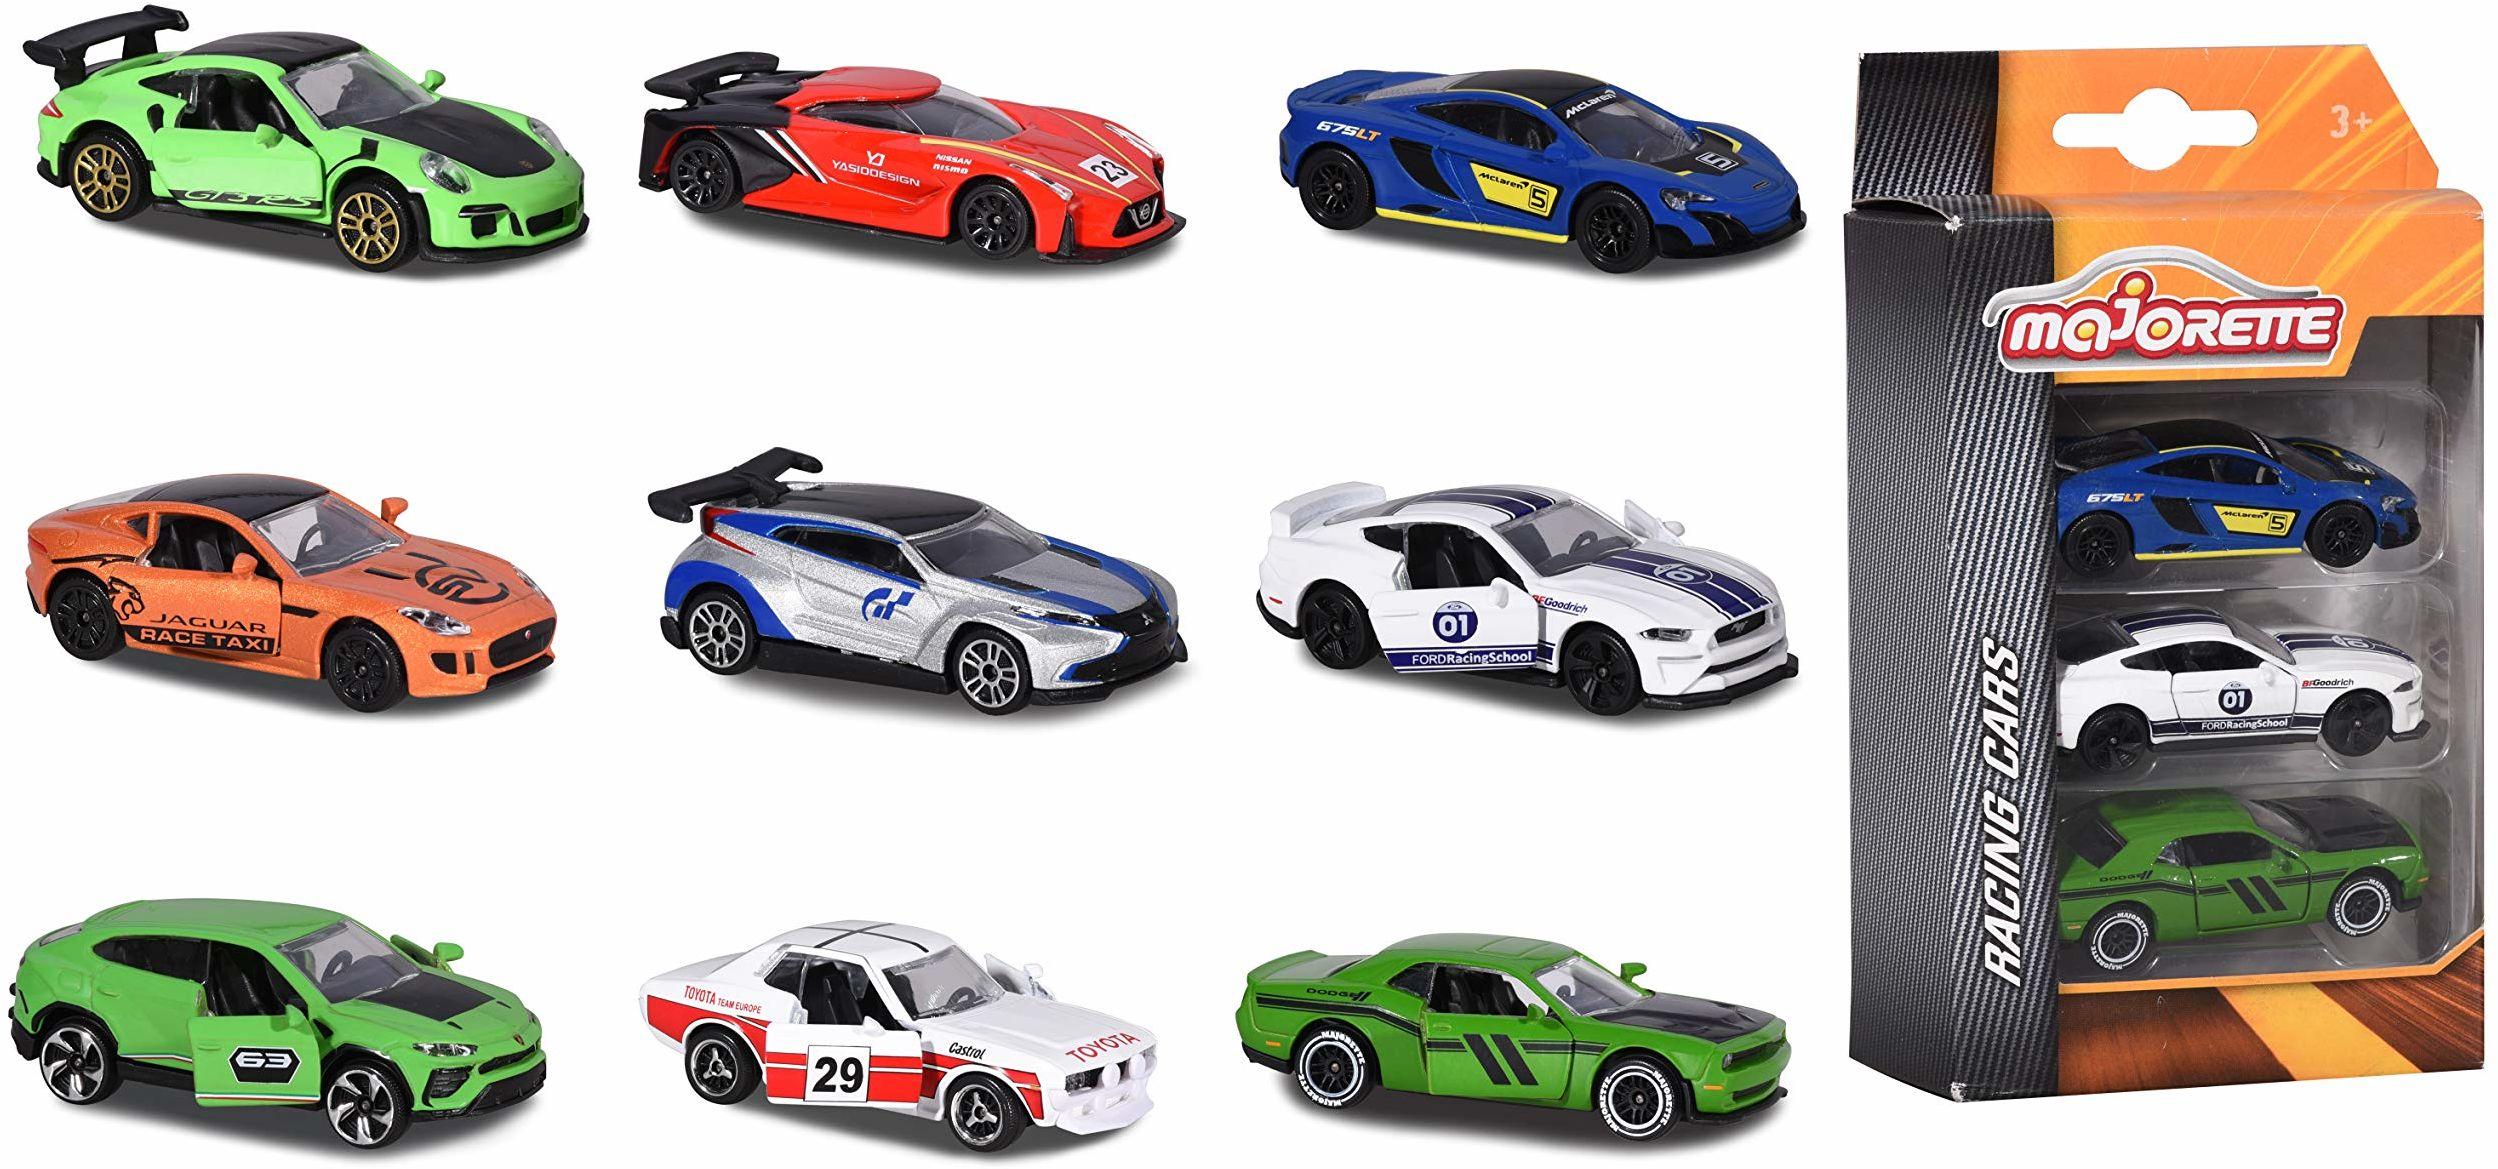 Majorette Racing 3-częściowy zestaw zabawek samochodowych, miniaturowe pojazdy, zabawki, Die-Cast, 3 różne zestawy, dostawa: 1 x 3-częściowy zestaw, losowy wybór, 7,5 cm